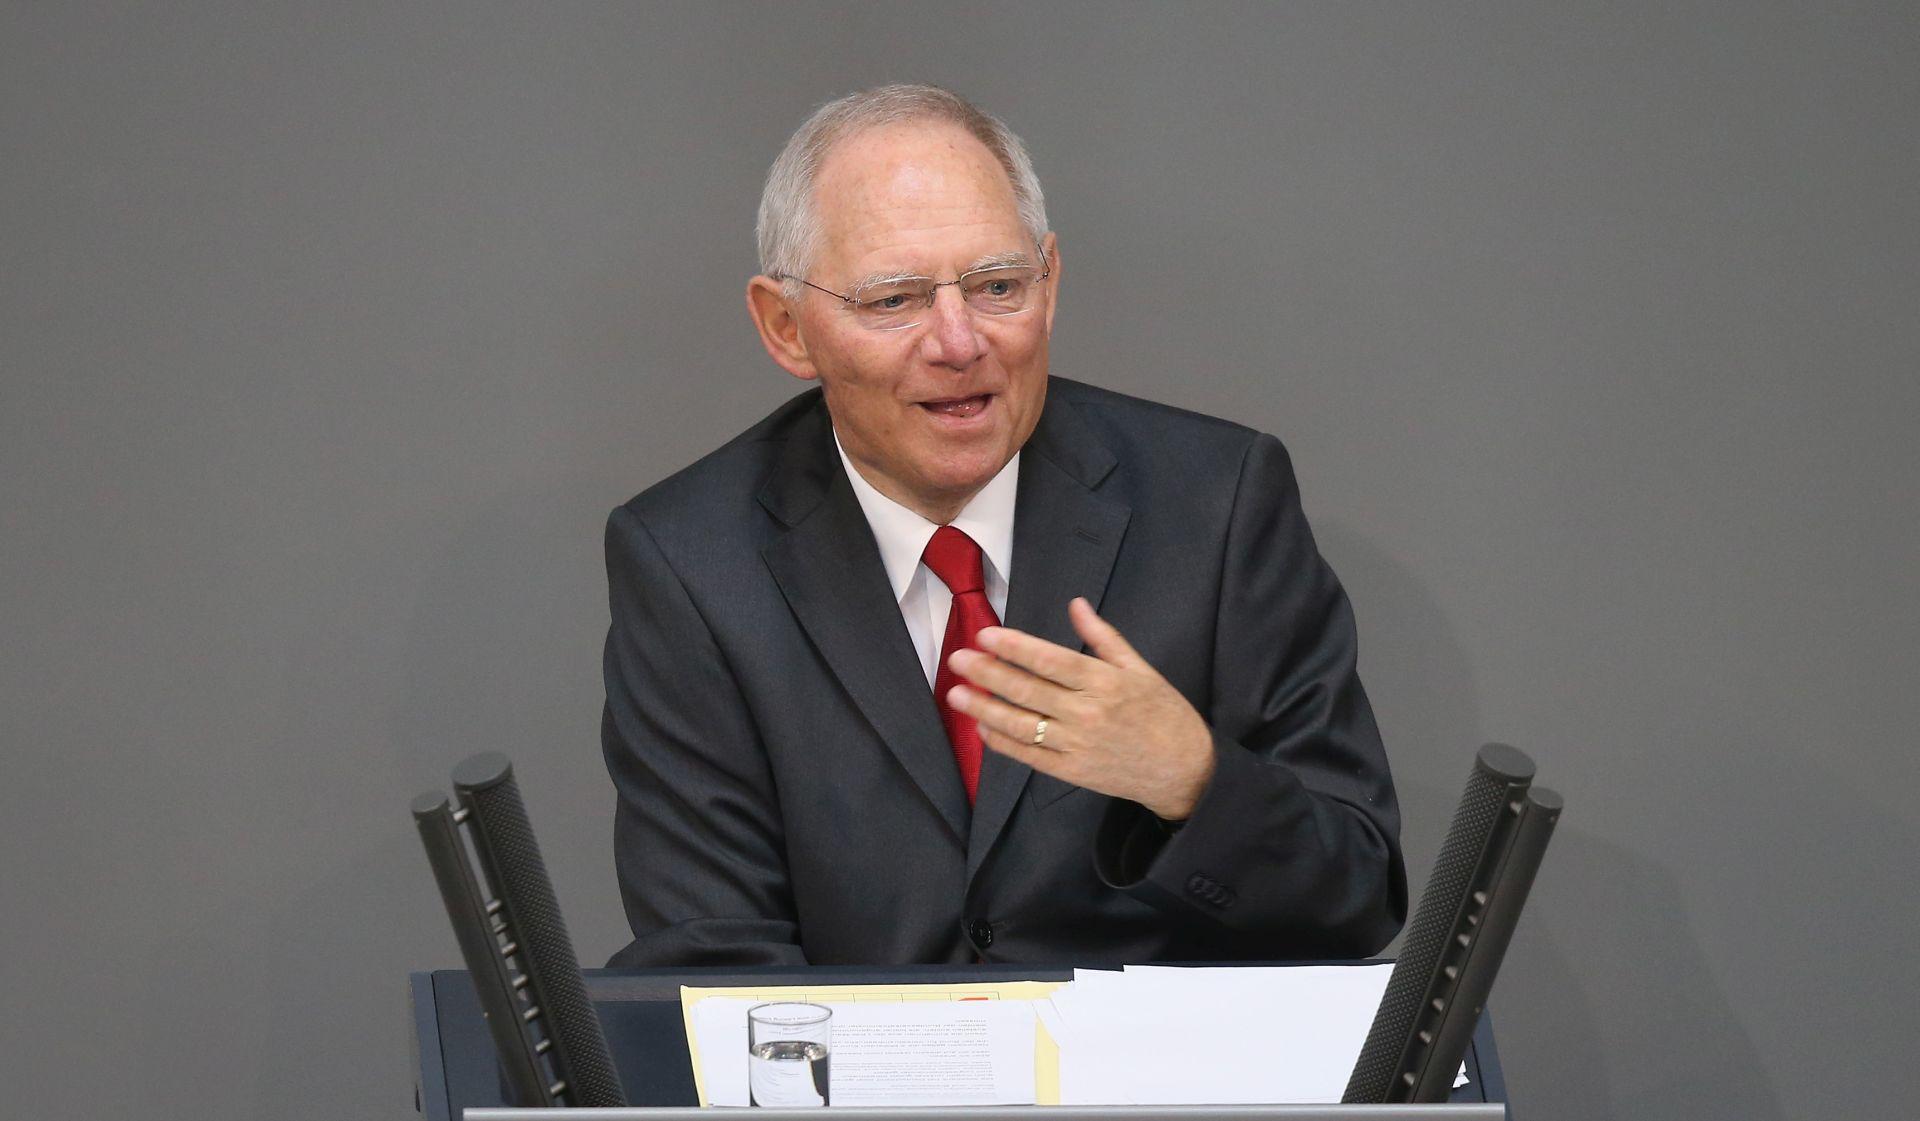 Schauble tvrdi da MMF neće sada sudjelovati u pomoći za Grčku